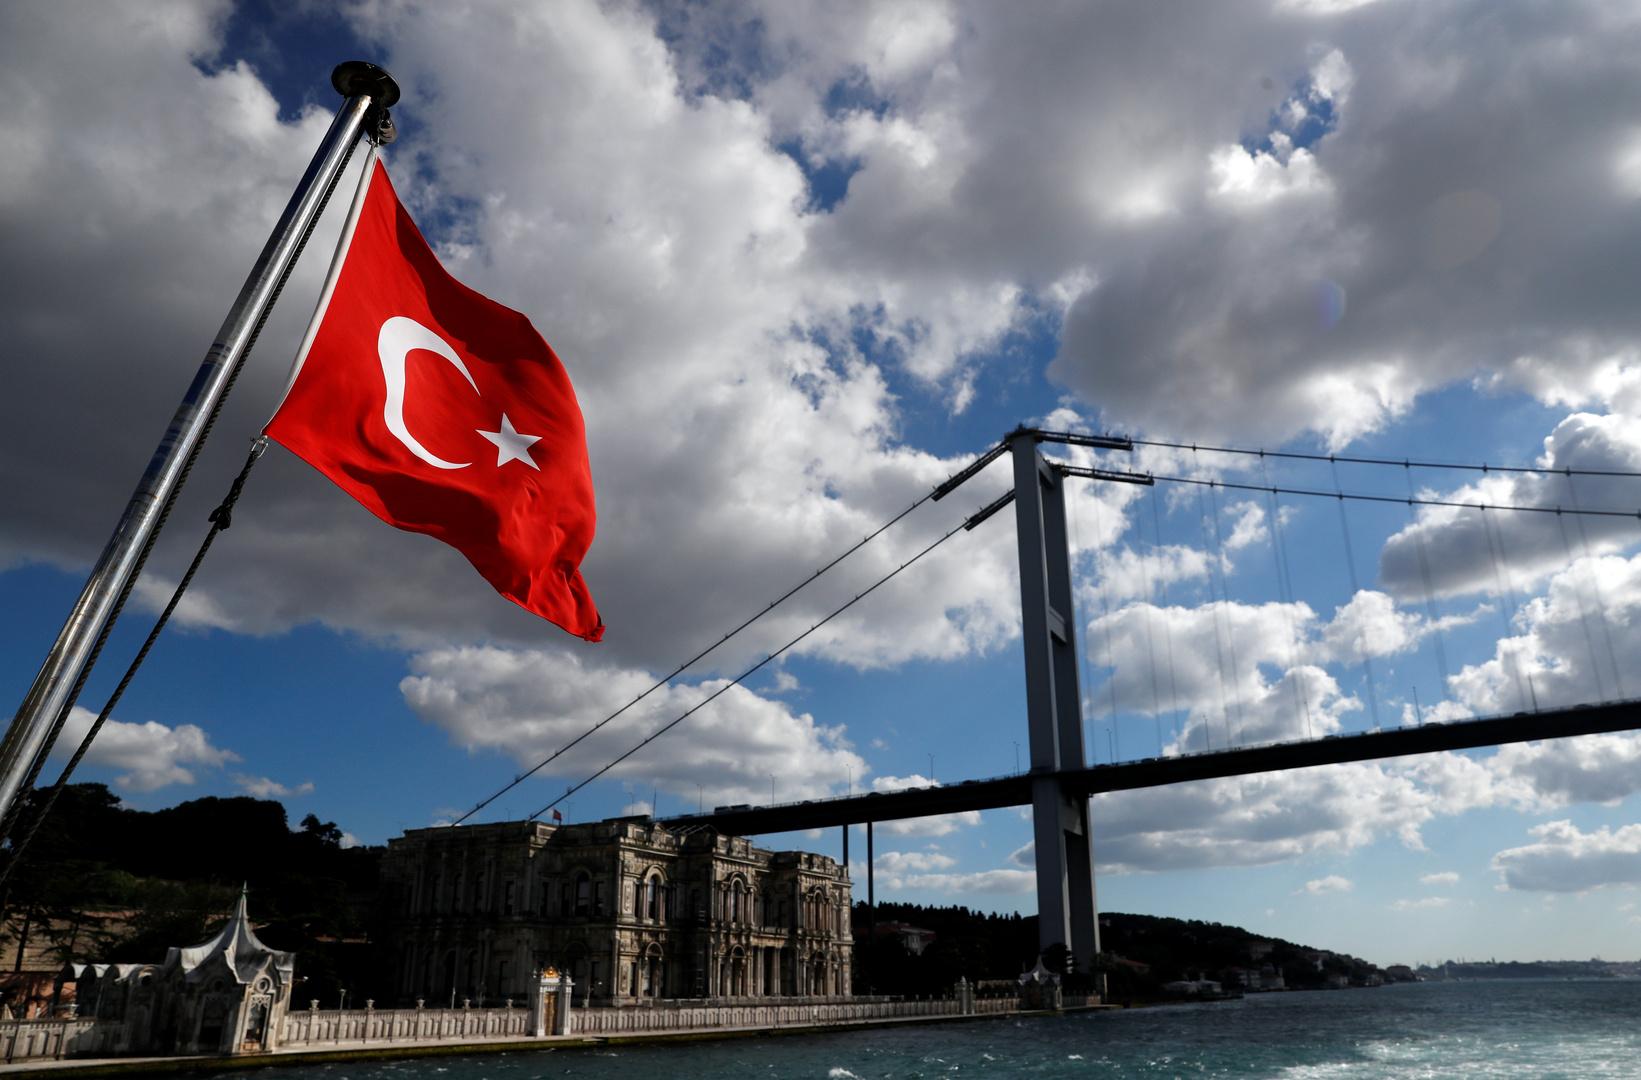 قوات الأمن التركية تعتقل 19 شخصا بشبهة الانتماء إلى